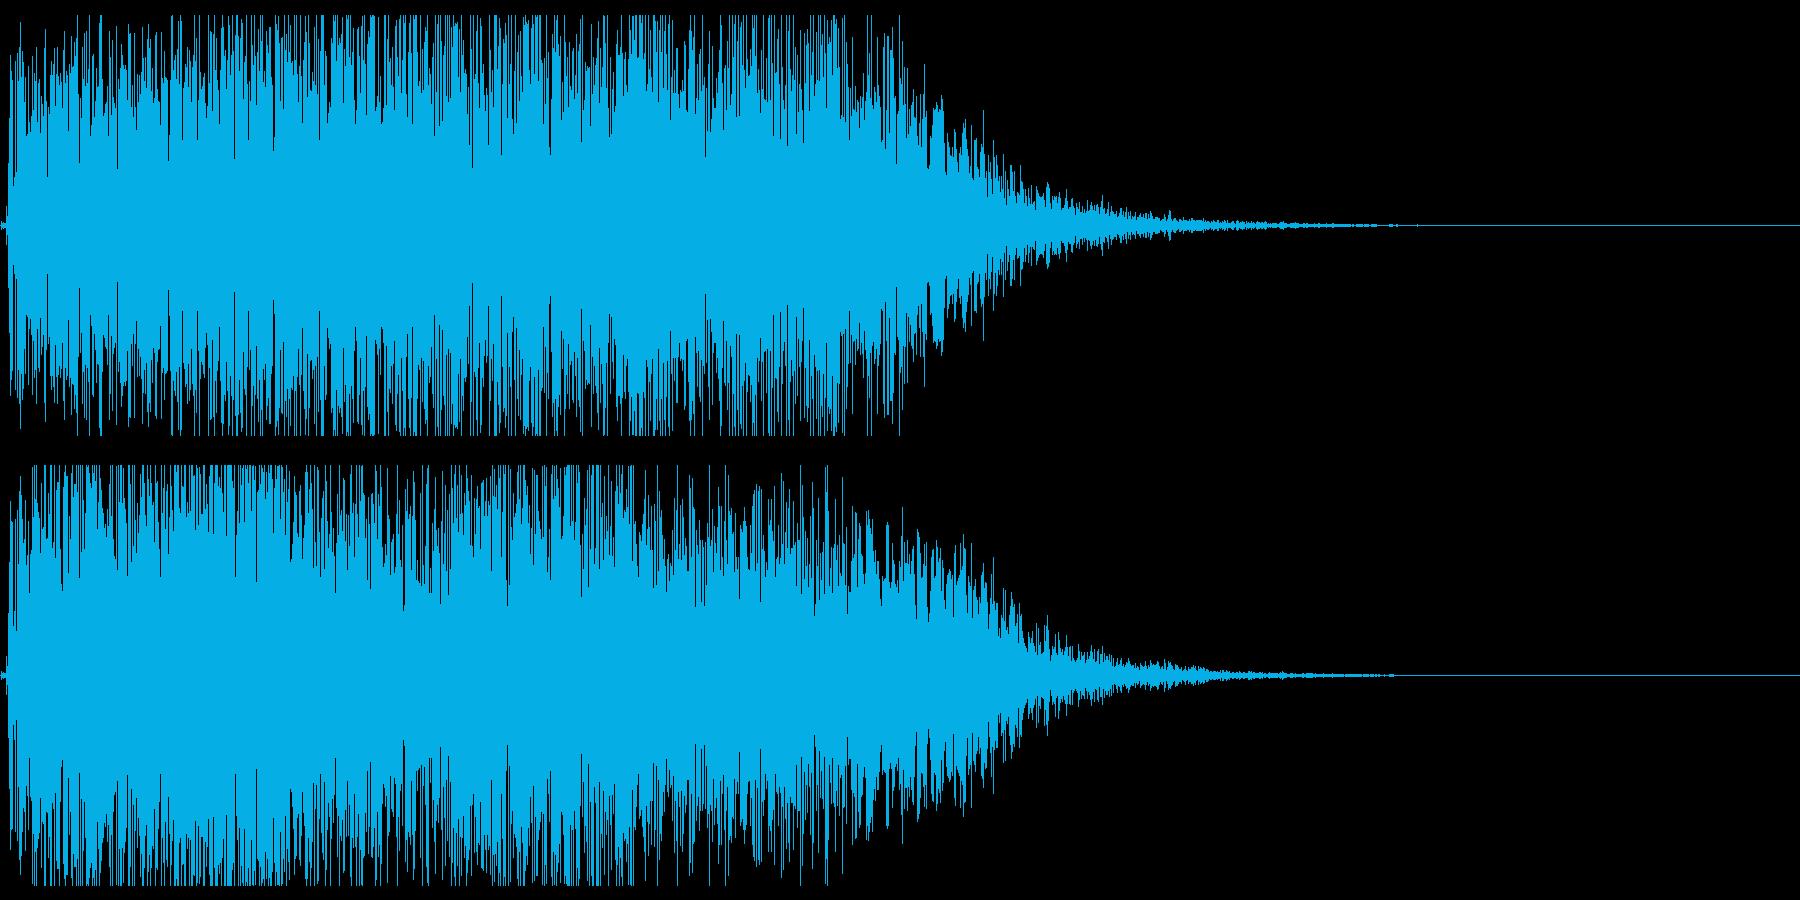 上昇音01の再生済みの波形